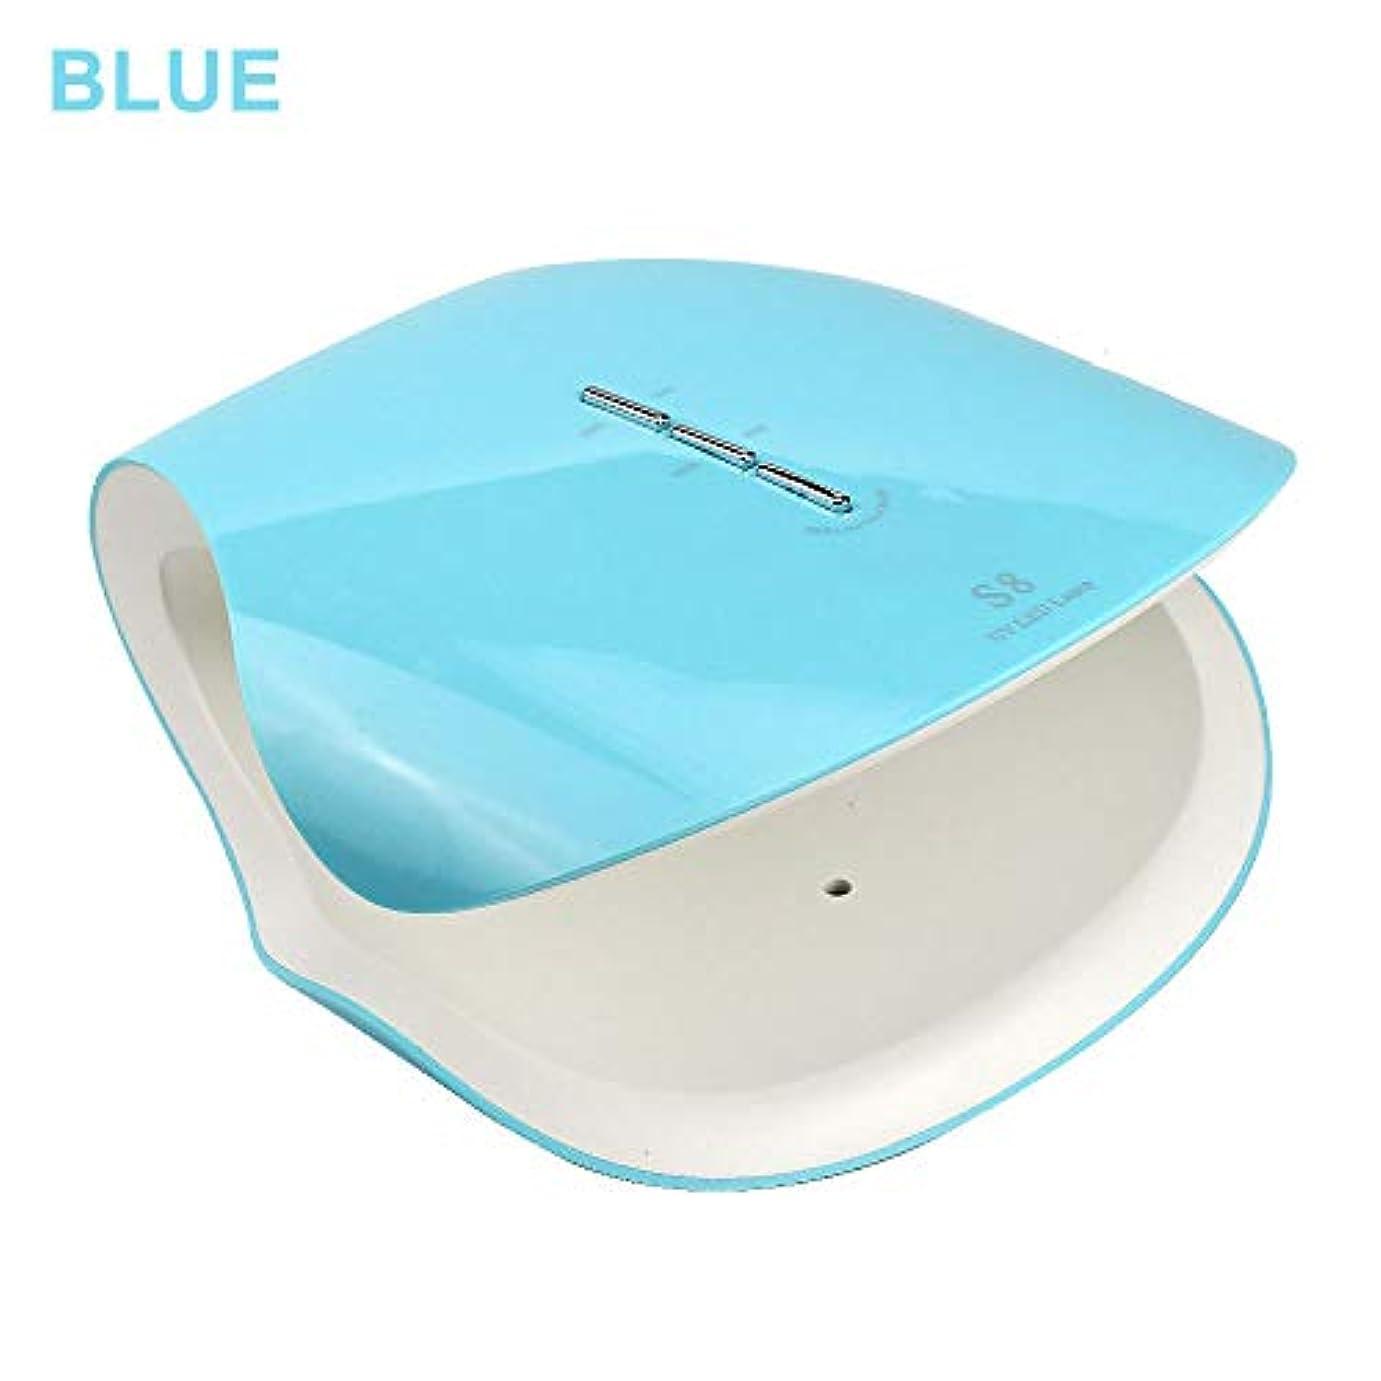 作詞家発明する準備するLed UVネイルドライヤー、48ワットスマートネイル光線療法機30 s 60 s 99 sタイマープロフェッショナル機マニキュア/ペディキュア,Blue